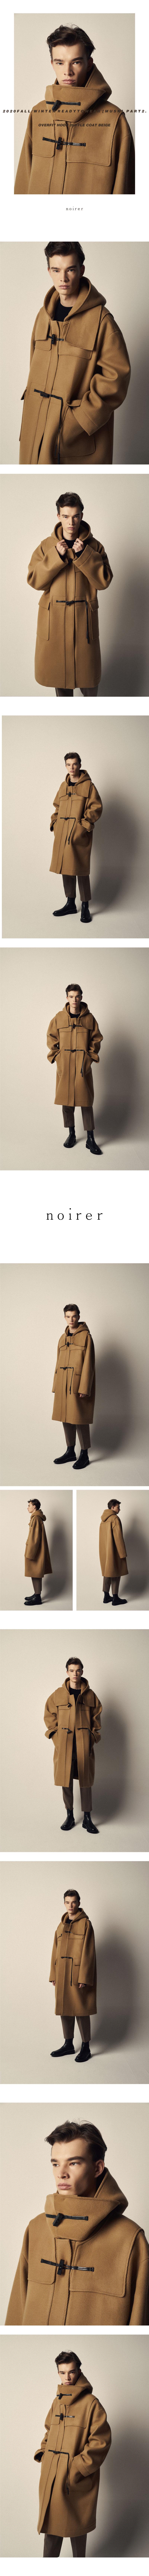 노이어(NOIRER) 오버핏 후드 더플 코트 (베이지)